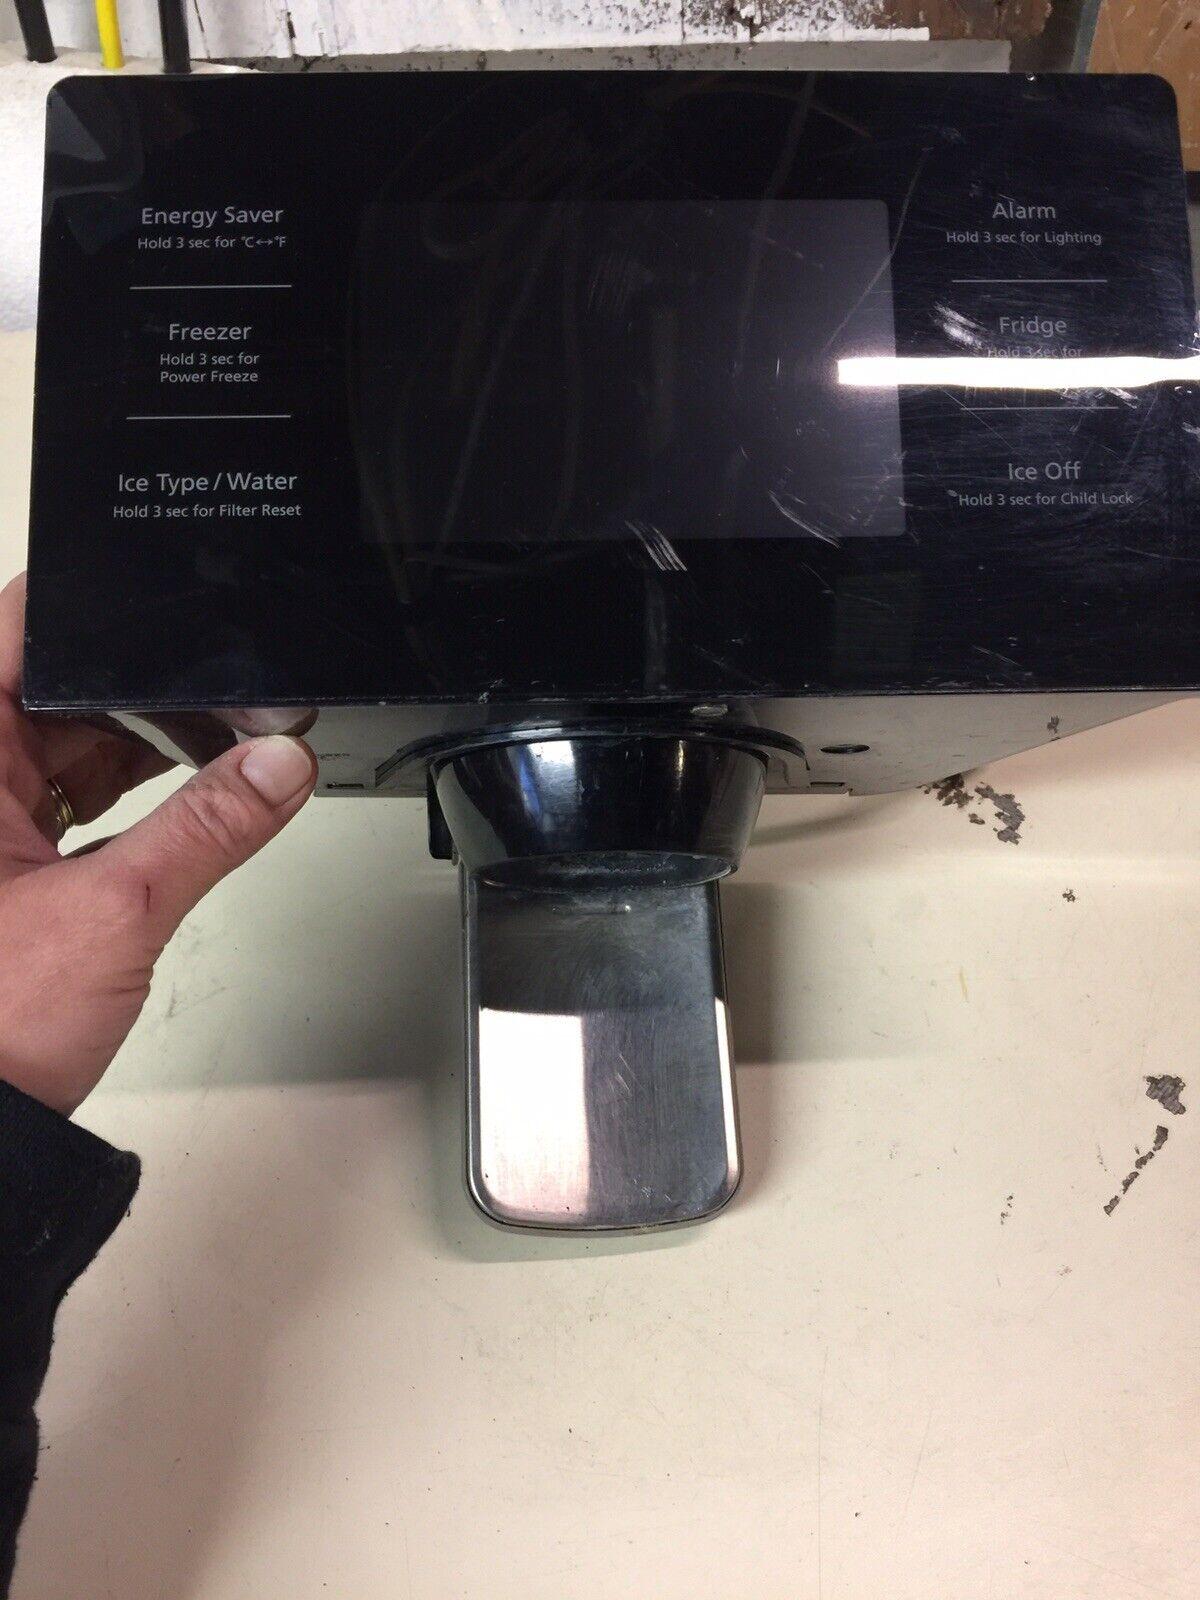 Samsung DA63-07106A Refrigerator Dispenser Control Panel-Black